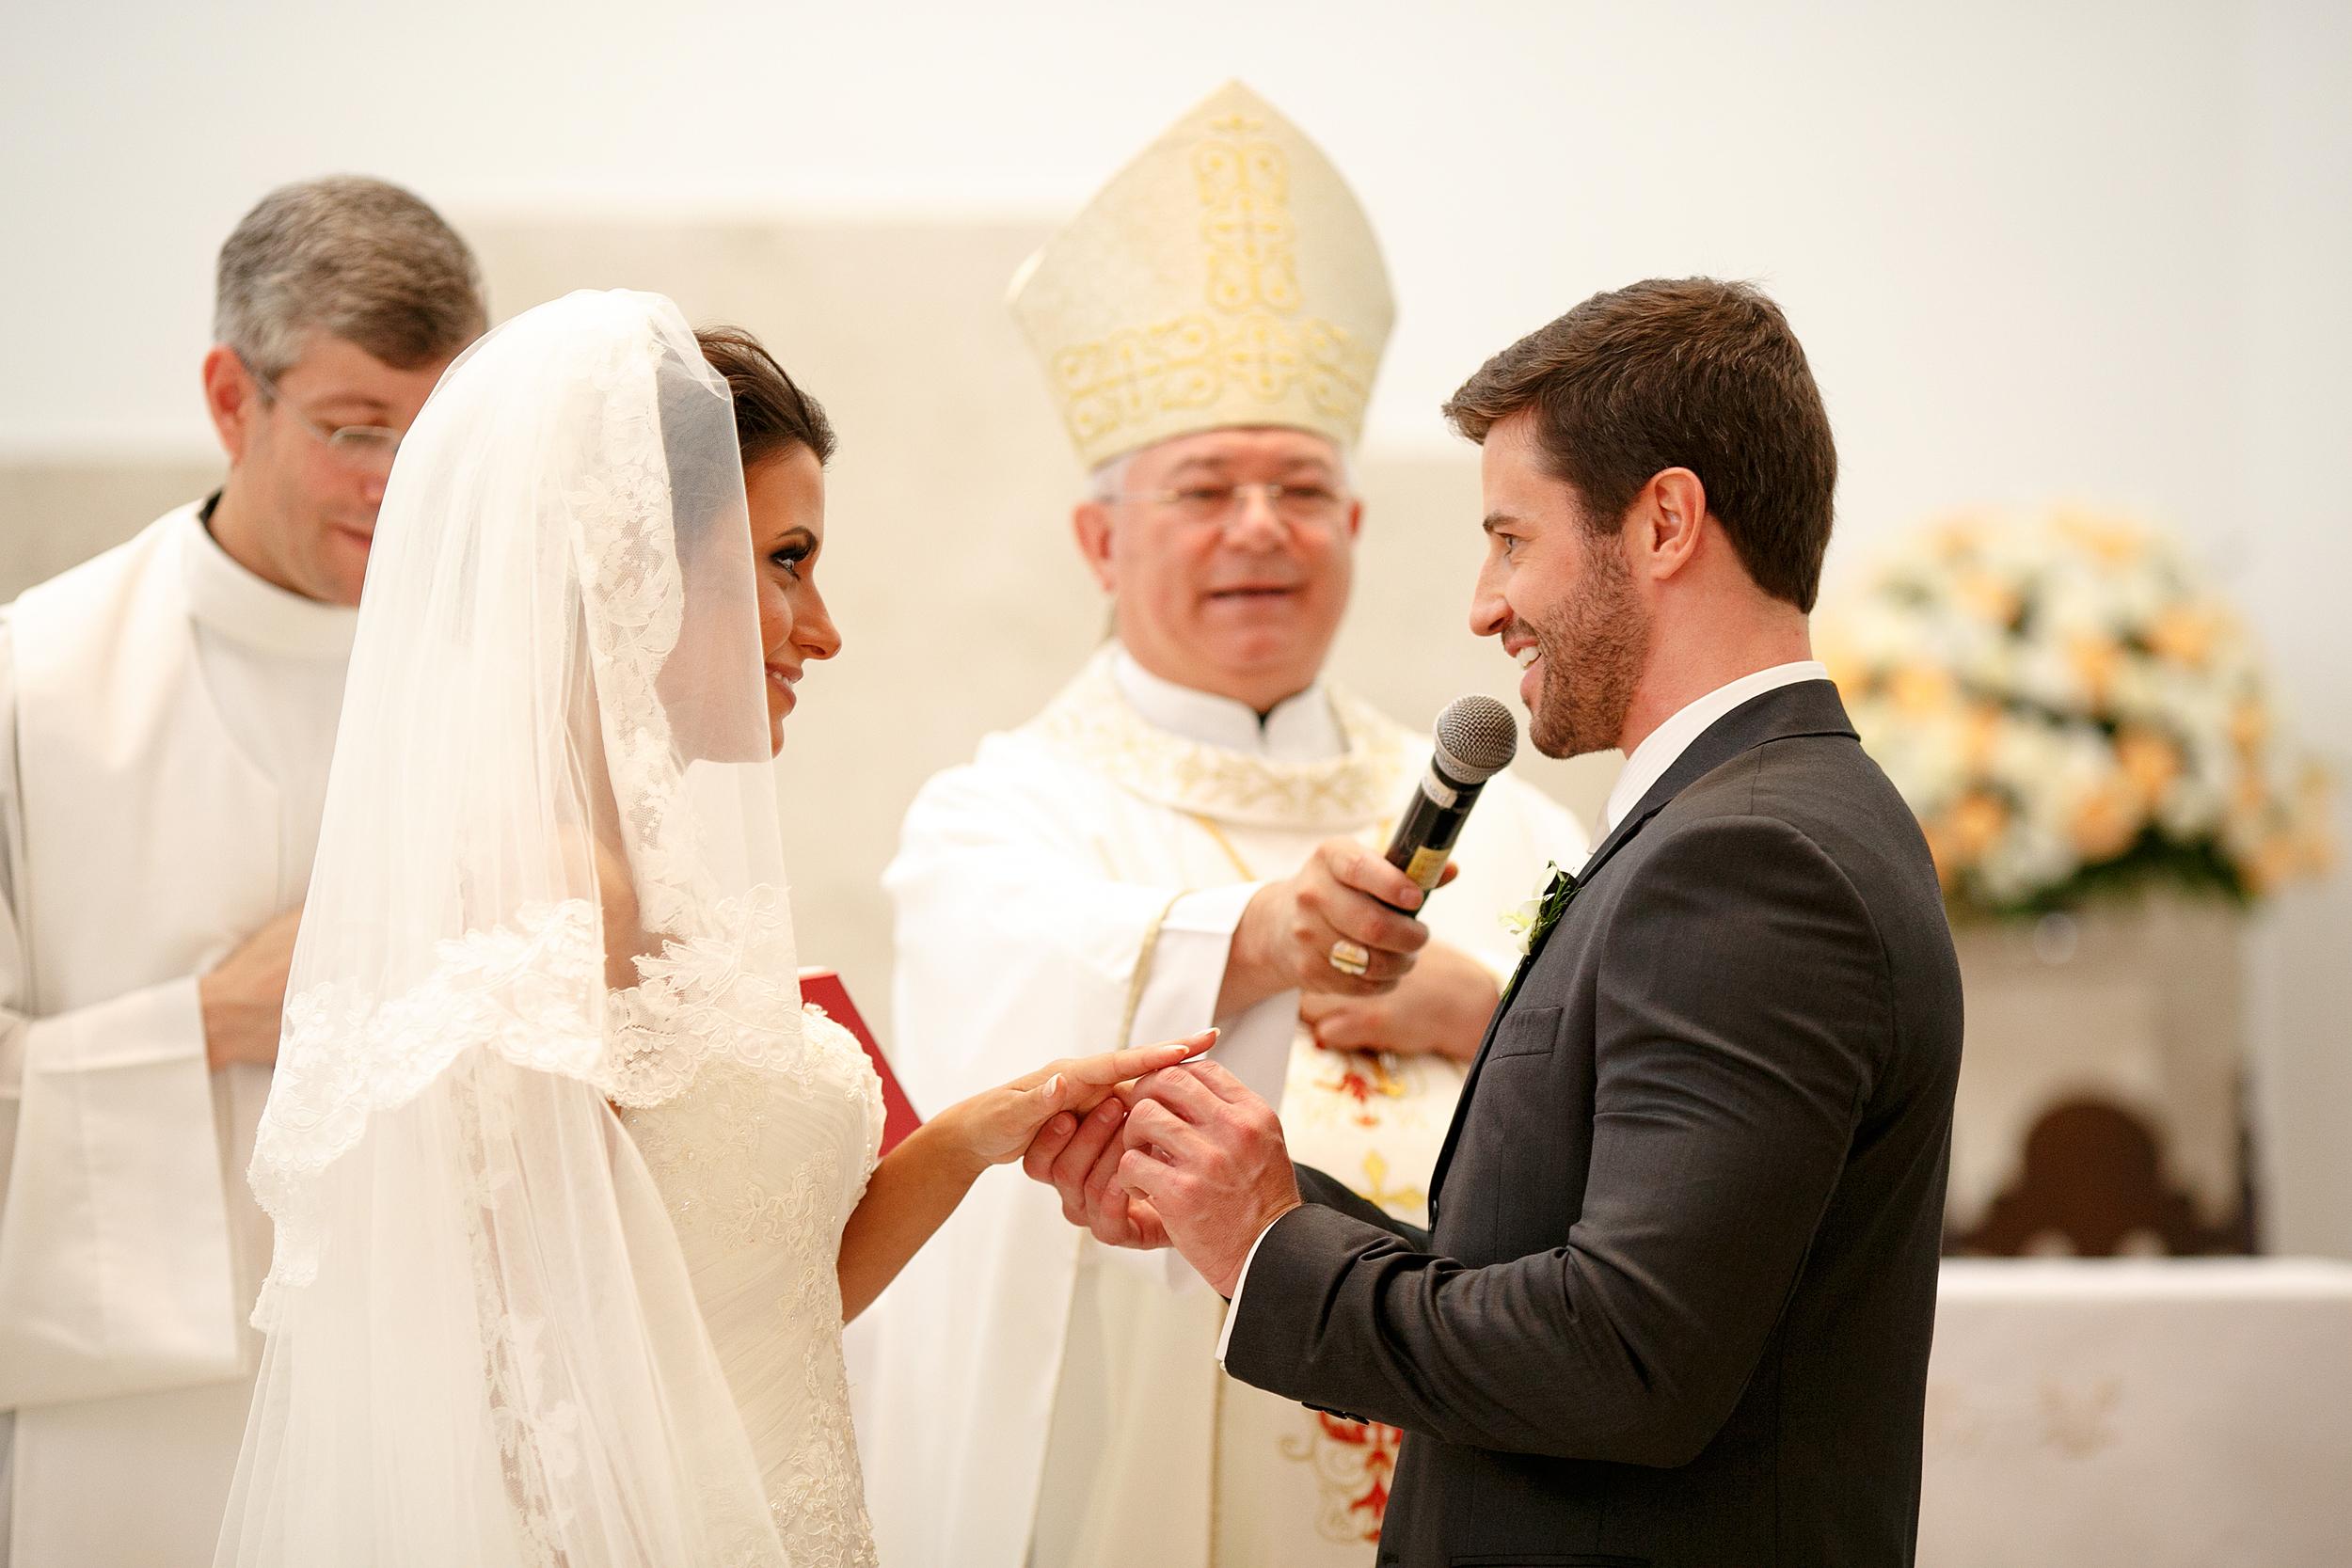 casamento curitiba _45.JPG